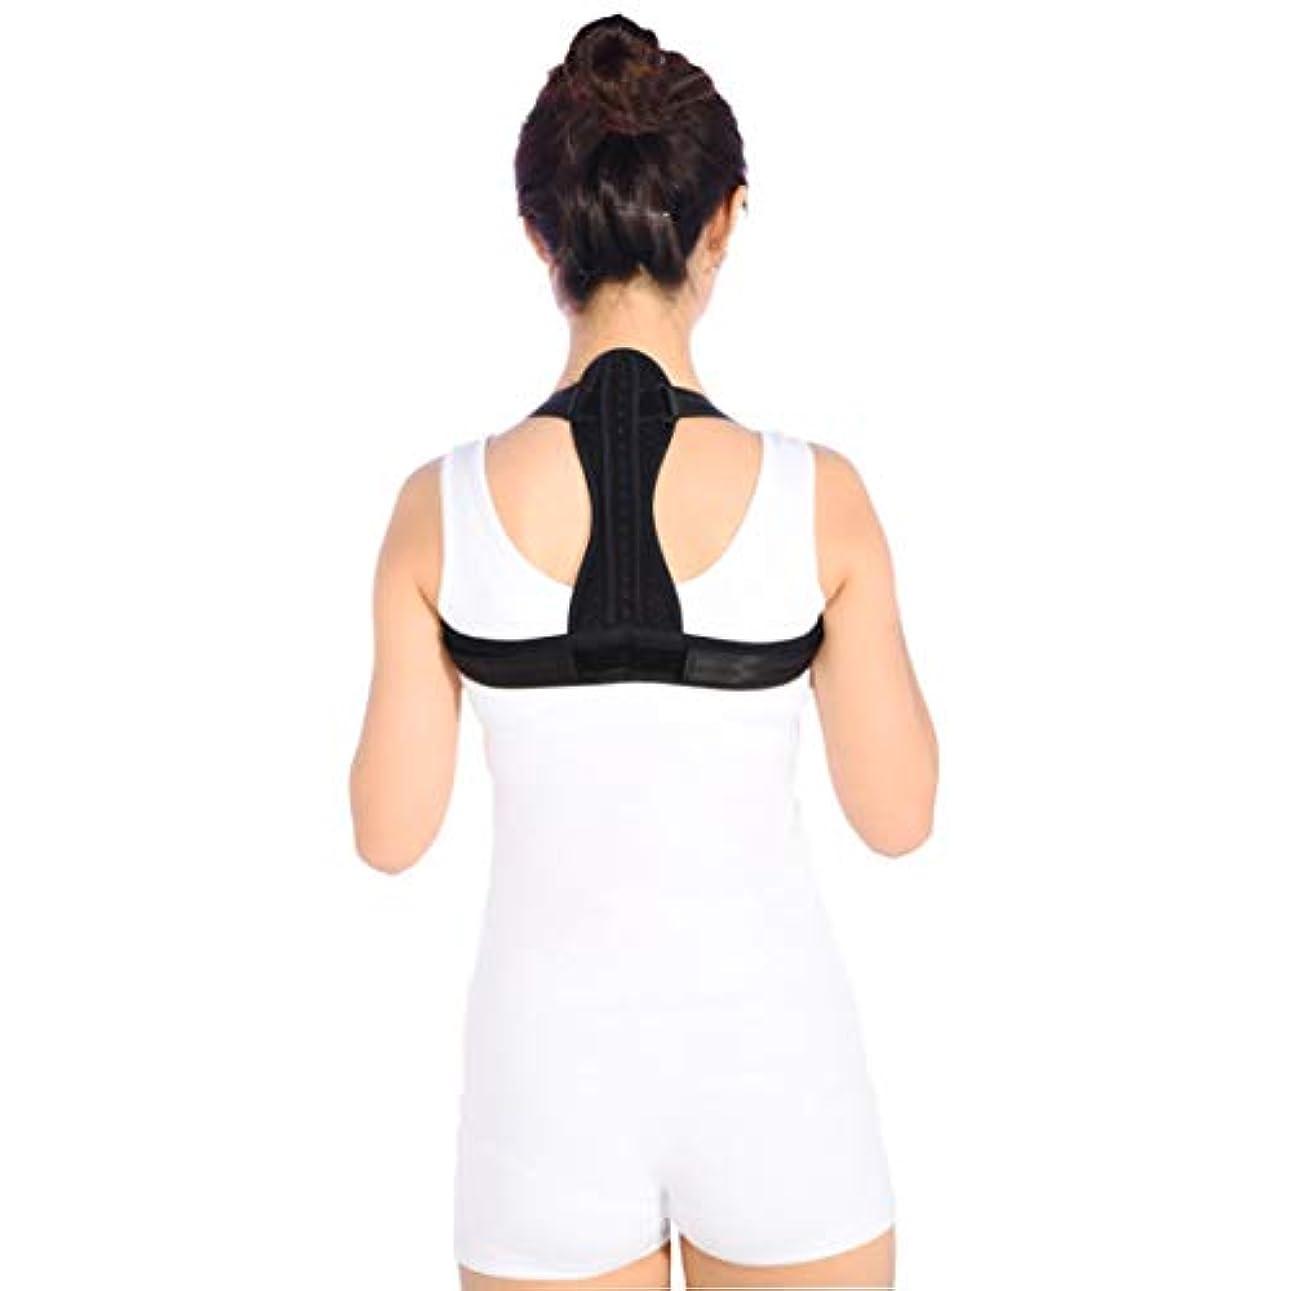 中庭大胆北東通気性の脊柱側弯症ザトウクジラ補正ベルト調節可能な快適さ目に見えないベルト男性女性大人学生子供 - 黒